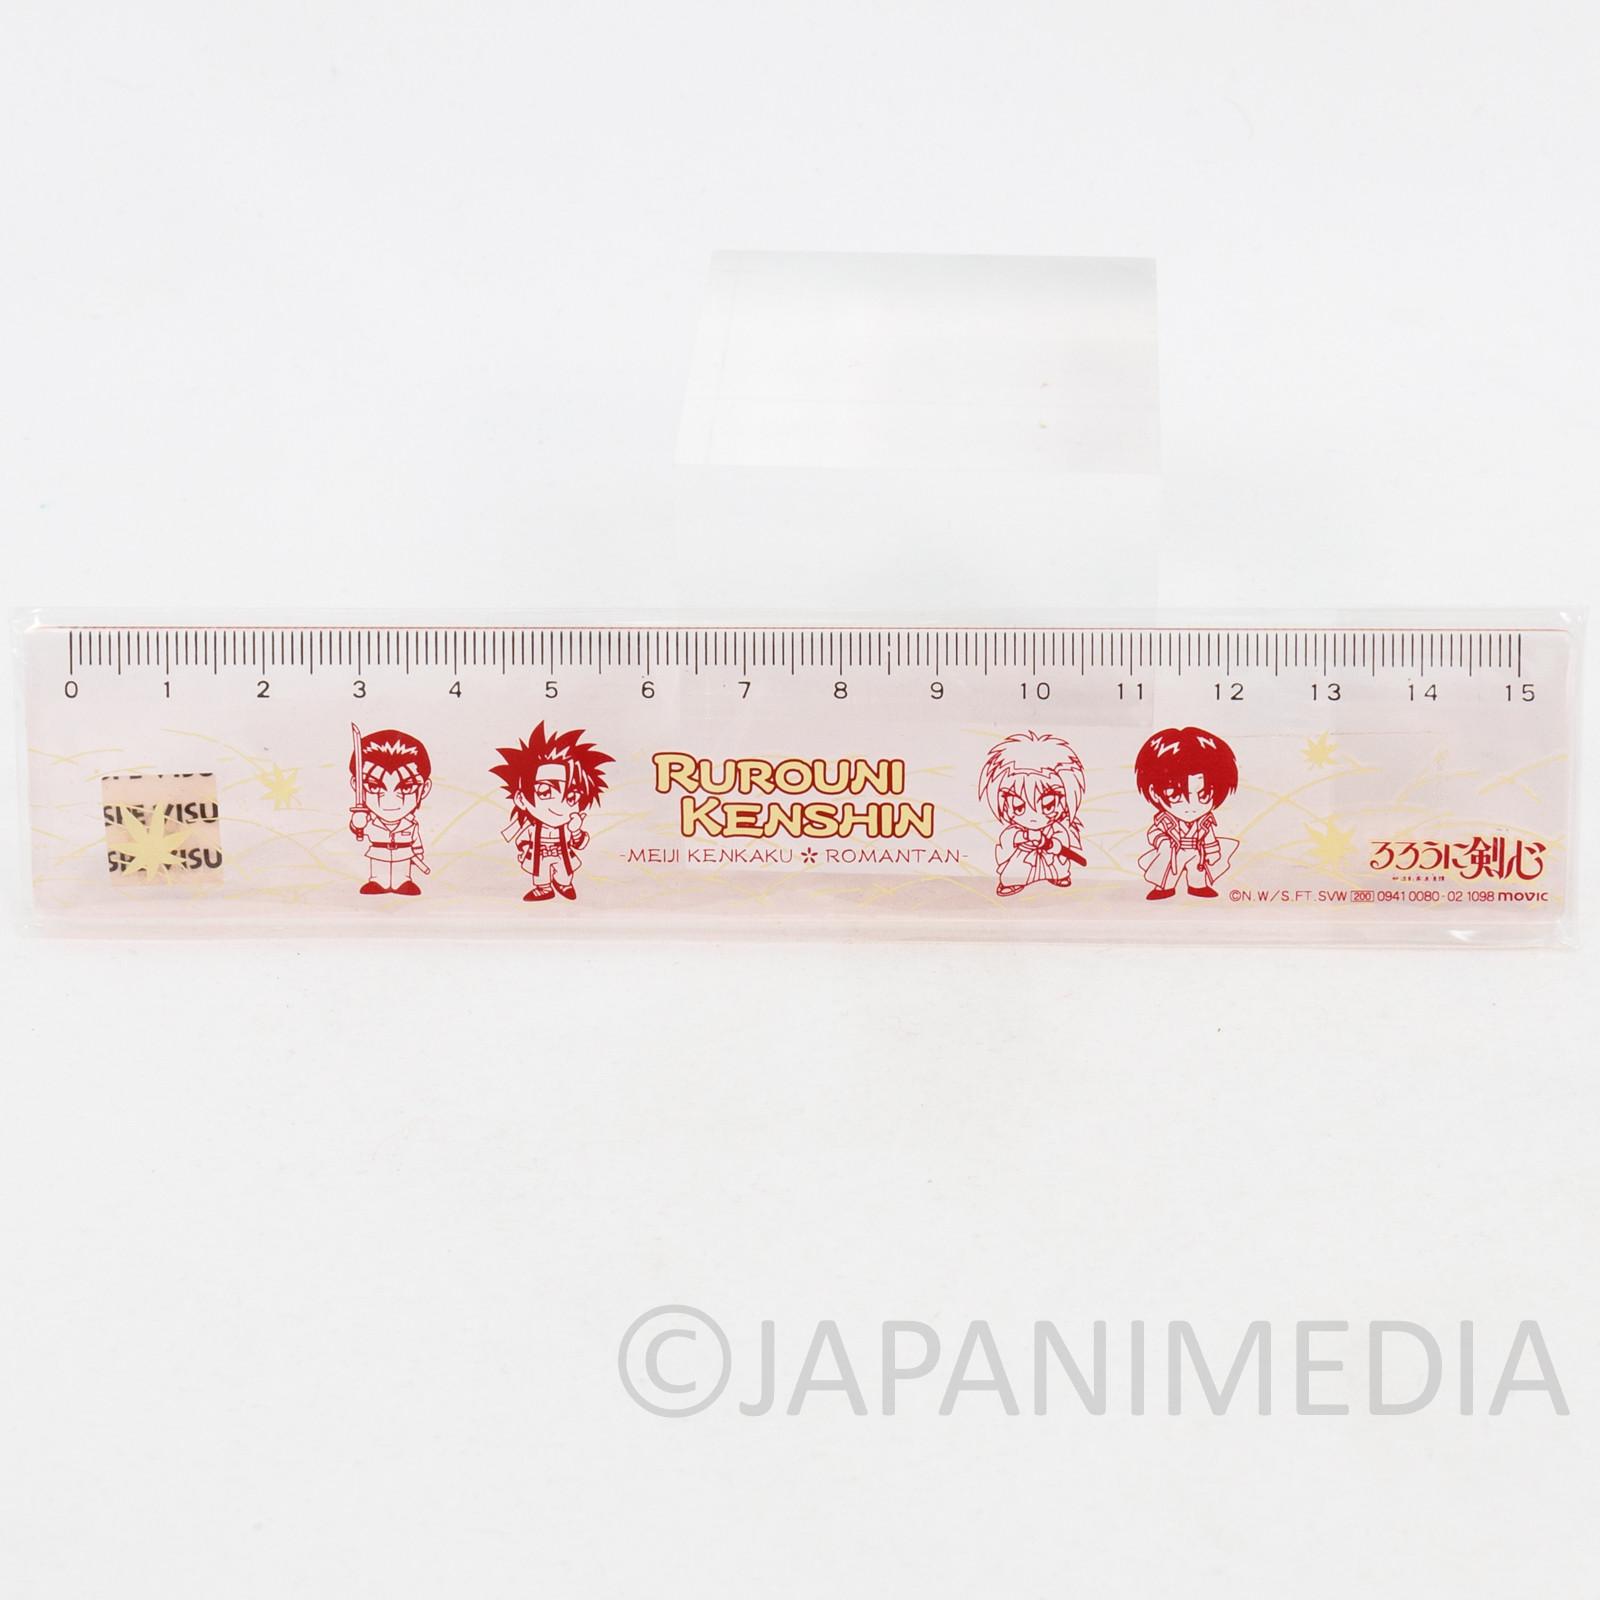 Retro Rurouni Kenshin Plastic Ruler 15cm JAPAN ANIME